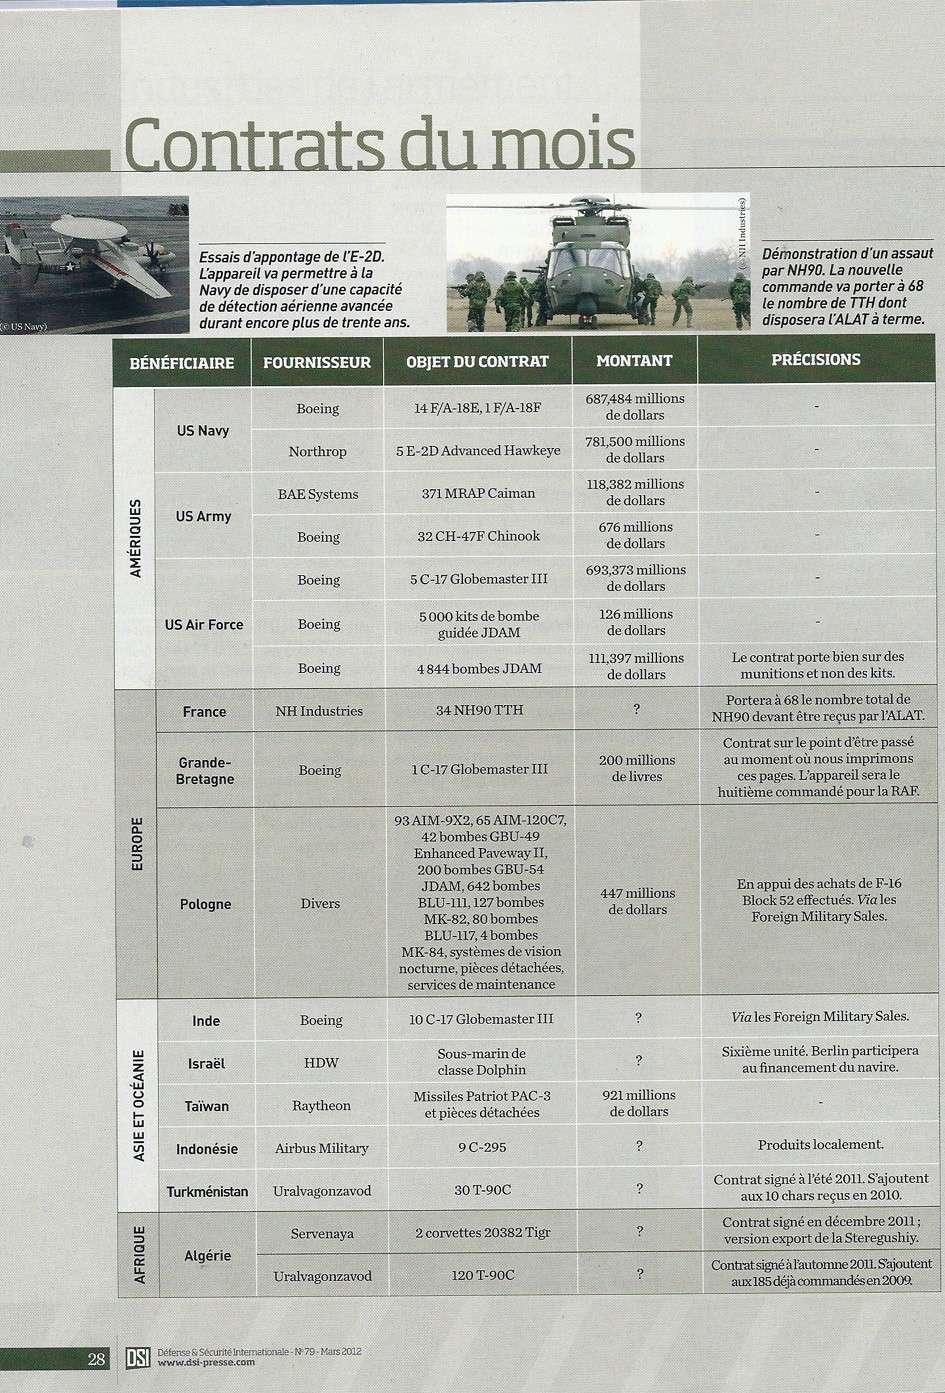 السوق الجزائري يمثل 13٪ من مبيعات الاسلحة الروسية +( أخبار صفقات الجزائر) T90tig10